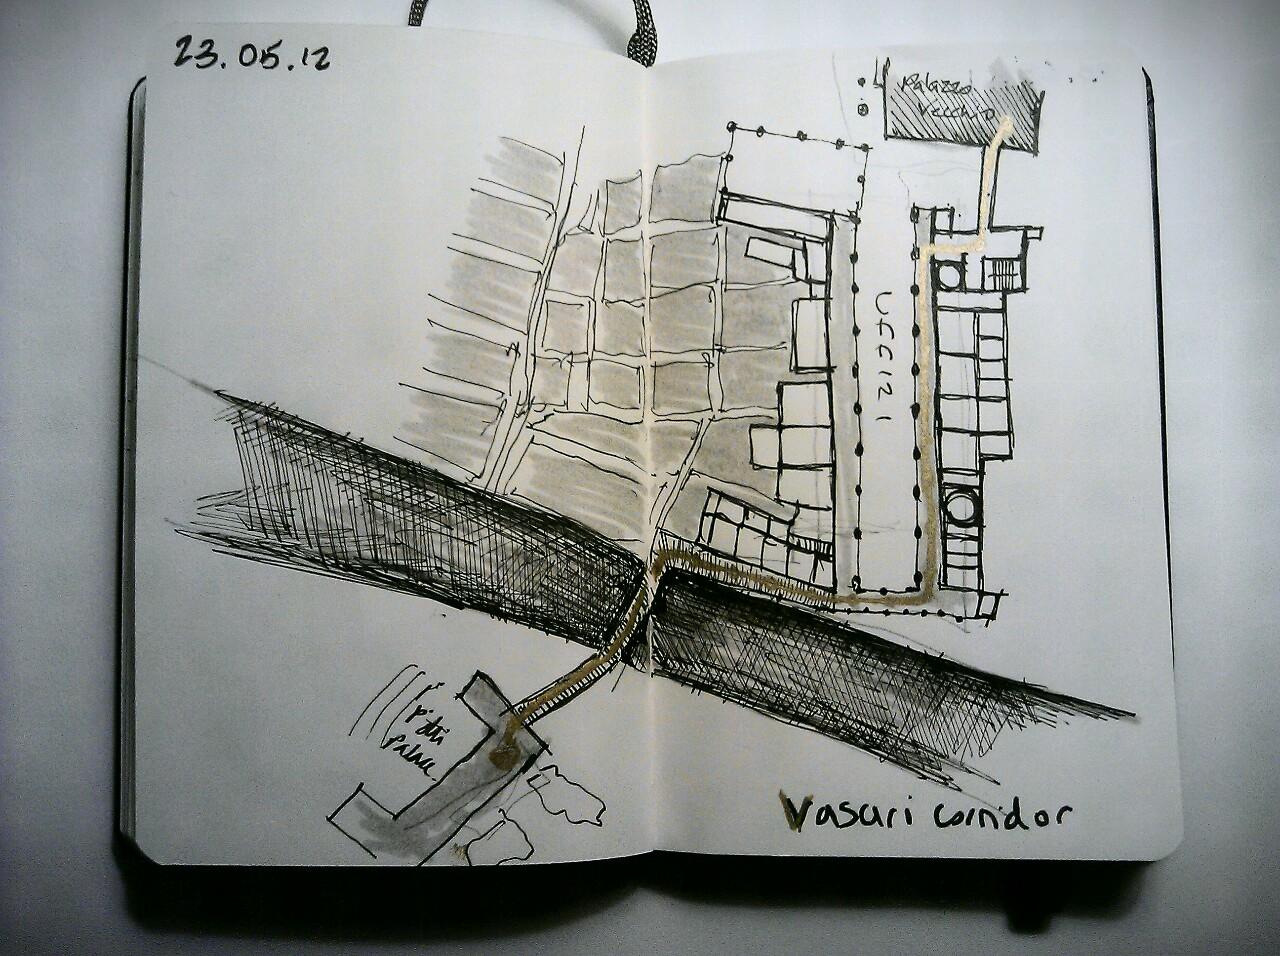 365 drawings later … day 113 … vasari corridor